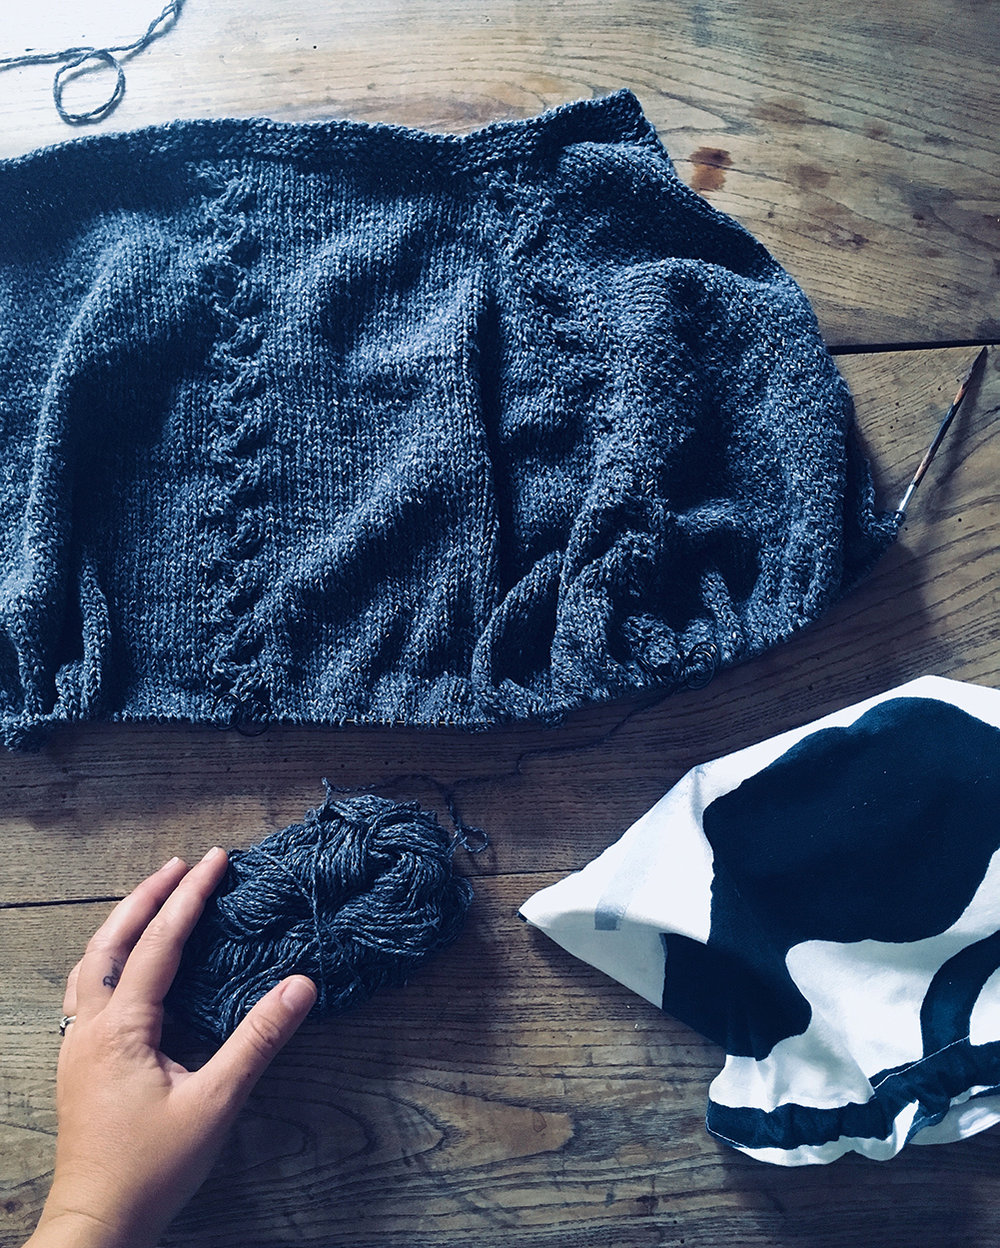 wool_done_mungo_yarn_knitting.jpg